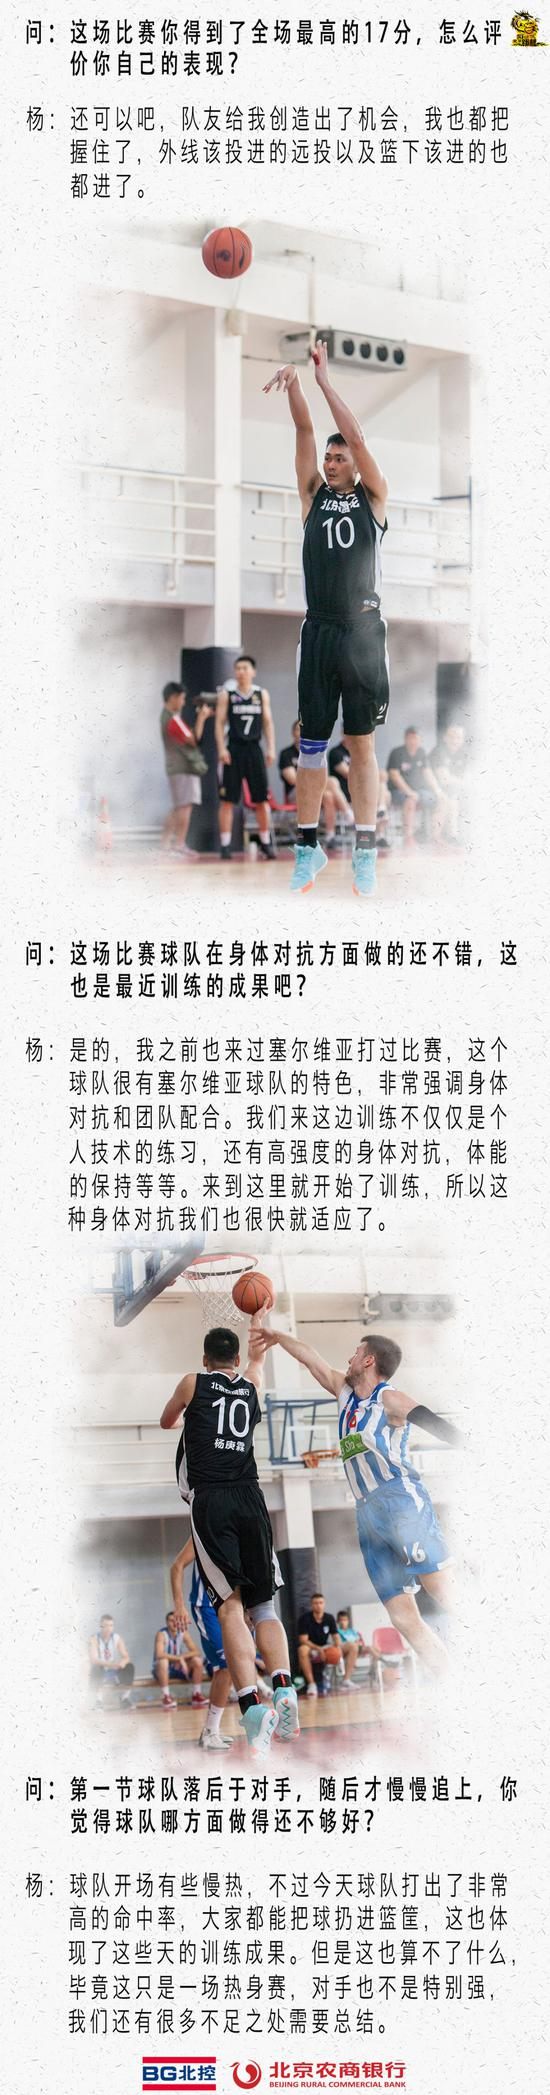 北控男篮海外集训赢首胜 杨庚霖17分王征15分